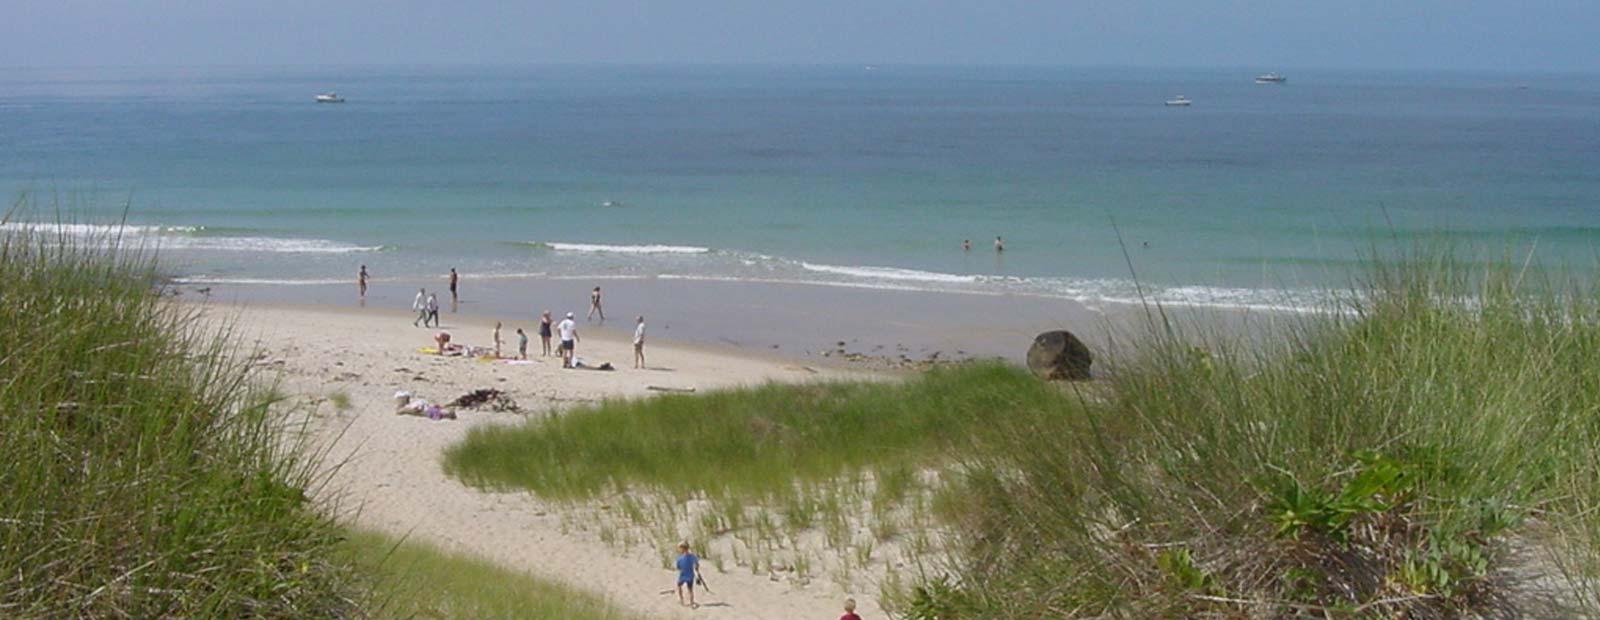 Pristine beaches ...